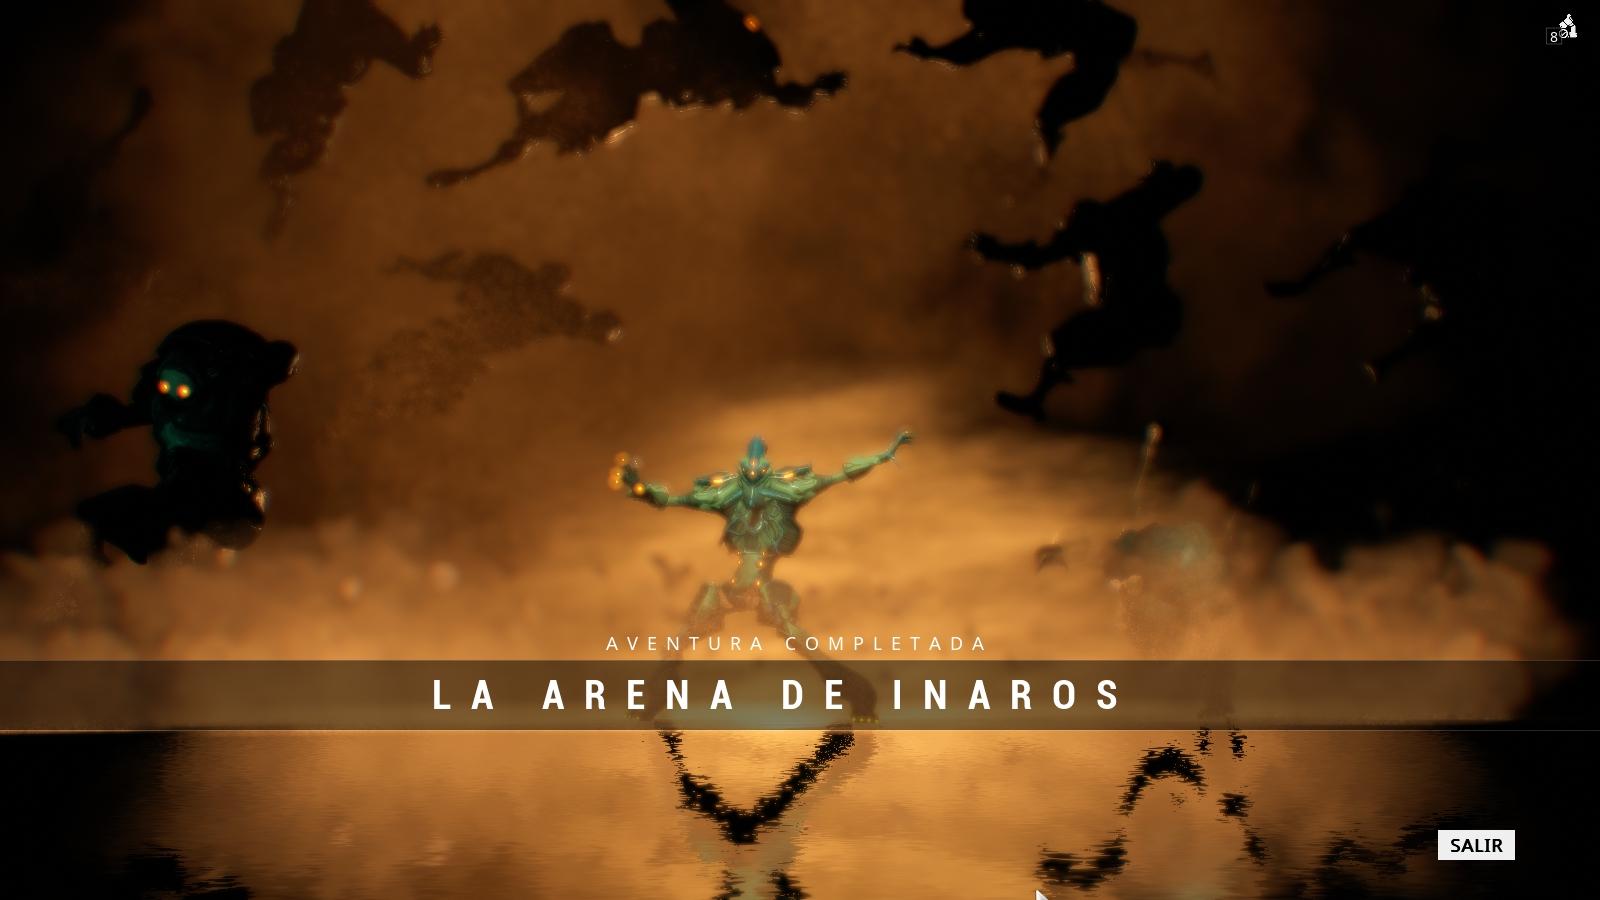 La arena de inaros | Kings of darkness